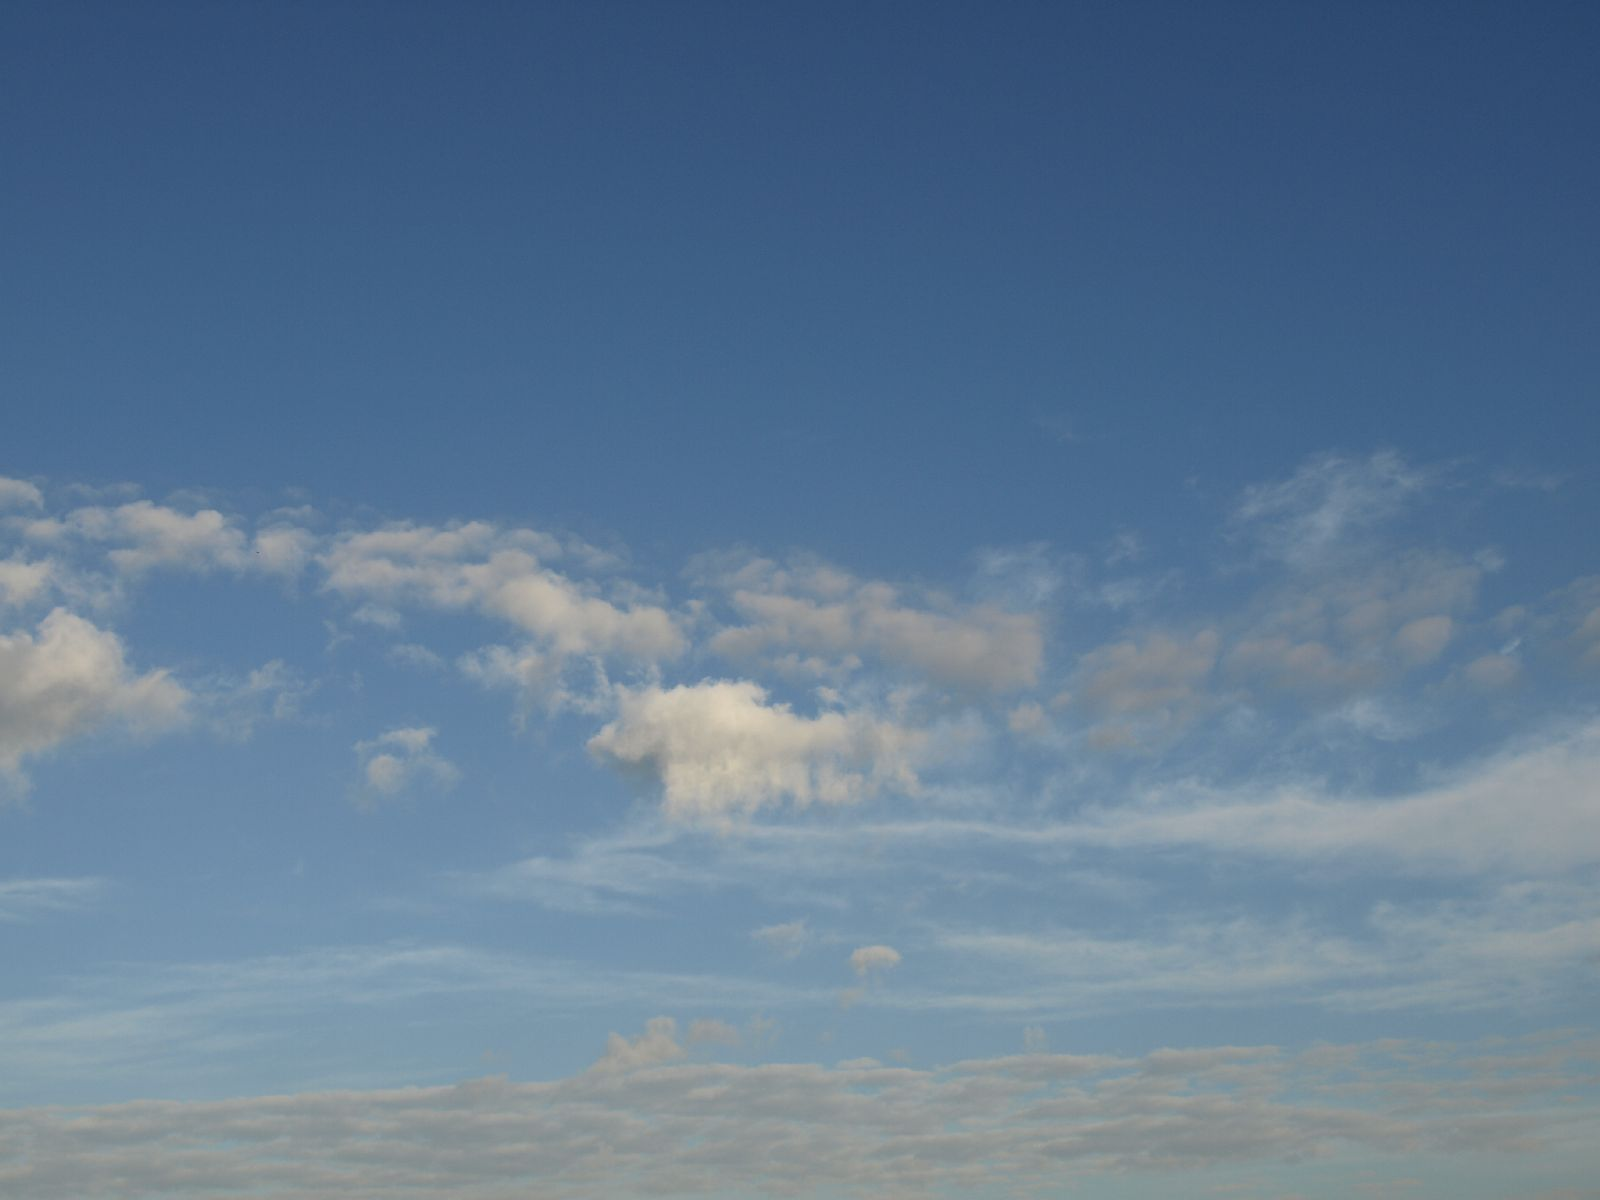 Himmel-Wolken-Foto_Textur_A_P8154326